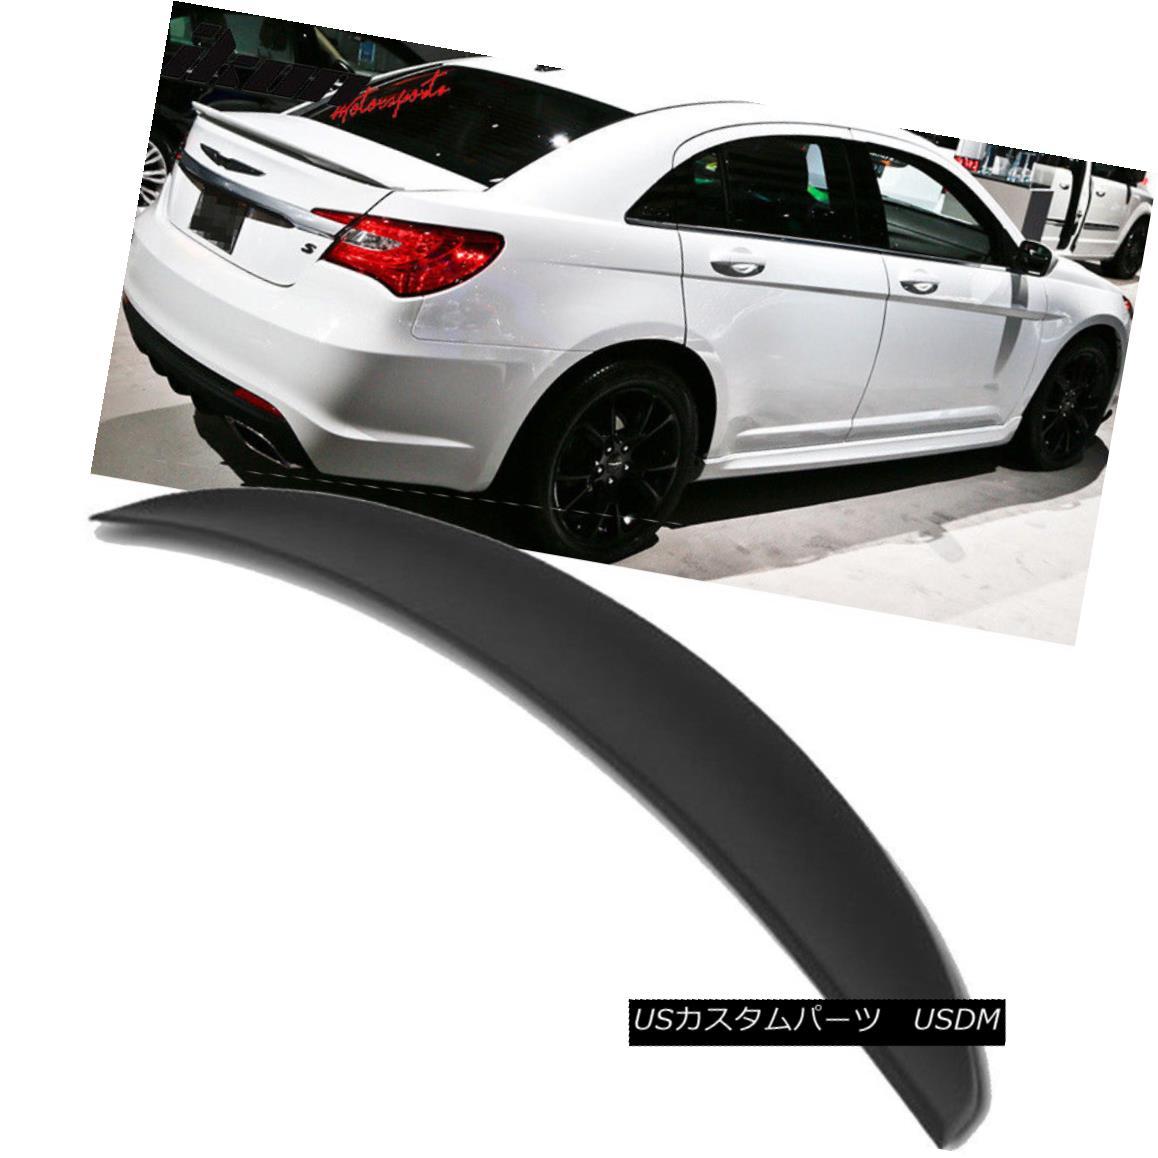 エアロパーツ Fits 11-14 Chrysler 200 4Dr Flush Mount OE Style Trunk Spoiler-Matte Black フィット11-14クライスラー200 4DrフラッシュマウントOEスタイルトランクスポイラー - マットブラック